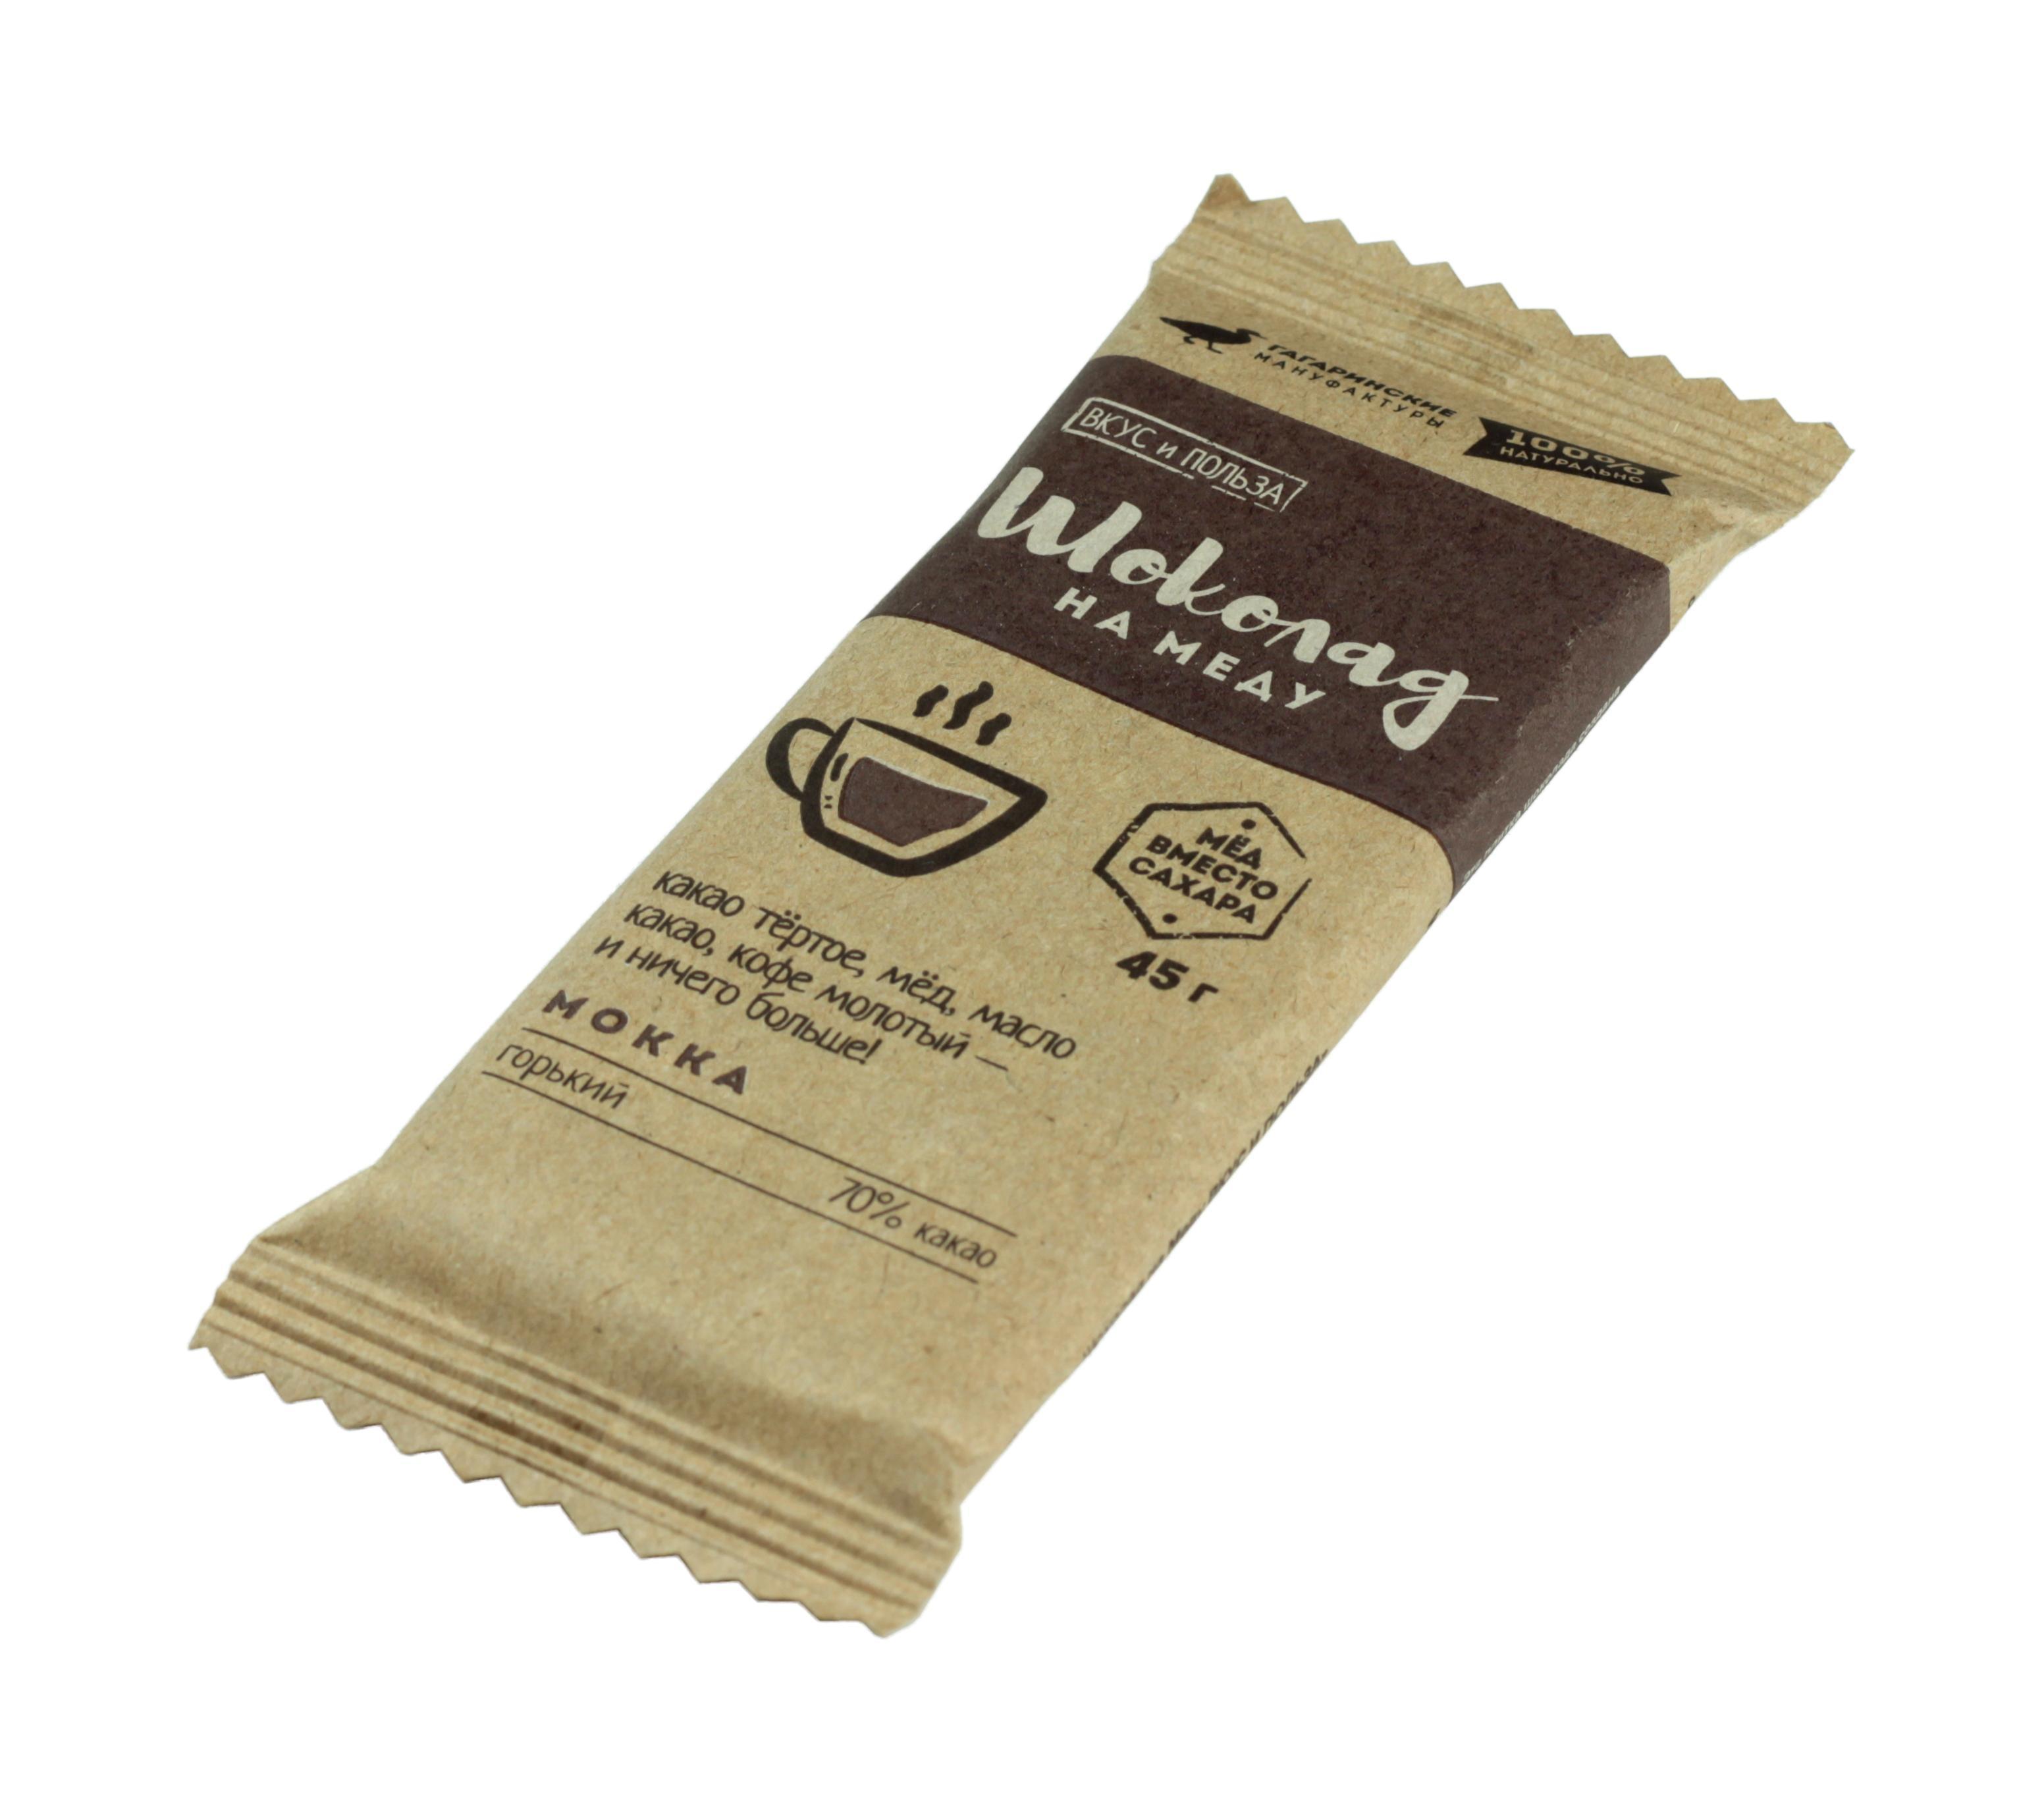 Шоколад Шоколад На Меду ВКУС И ПОЛЬЗА Горький 70% какао Мокка